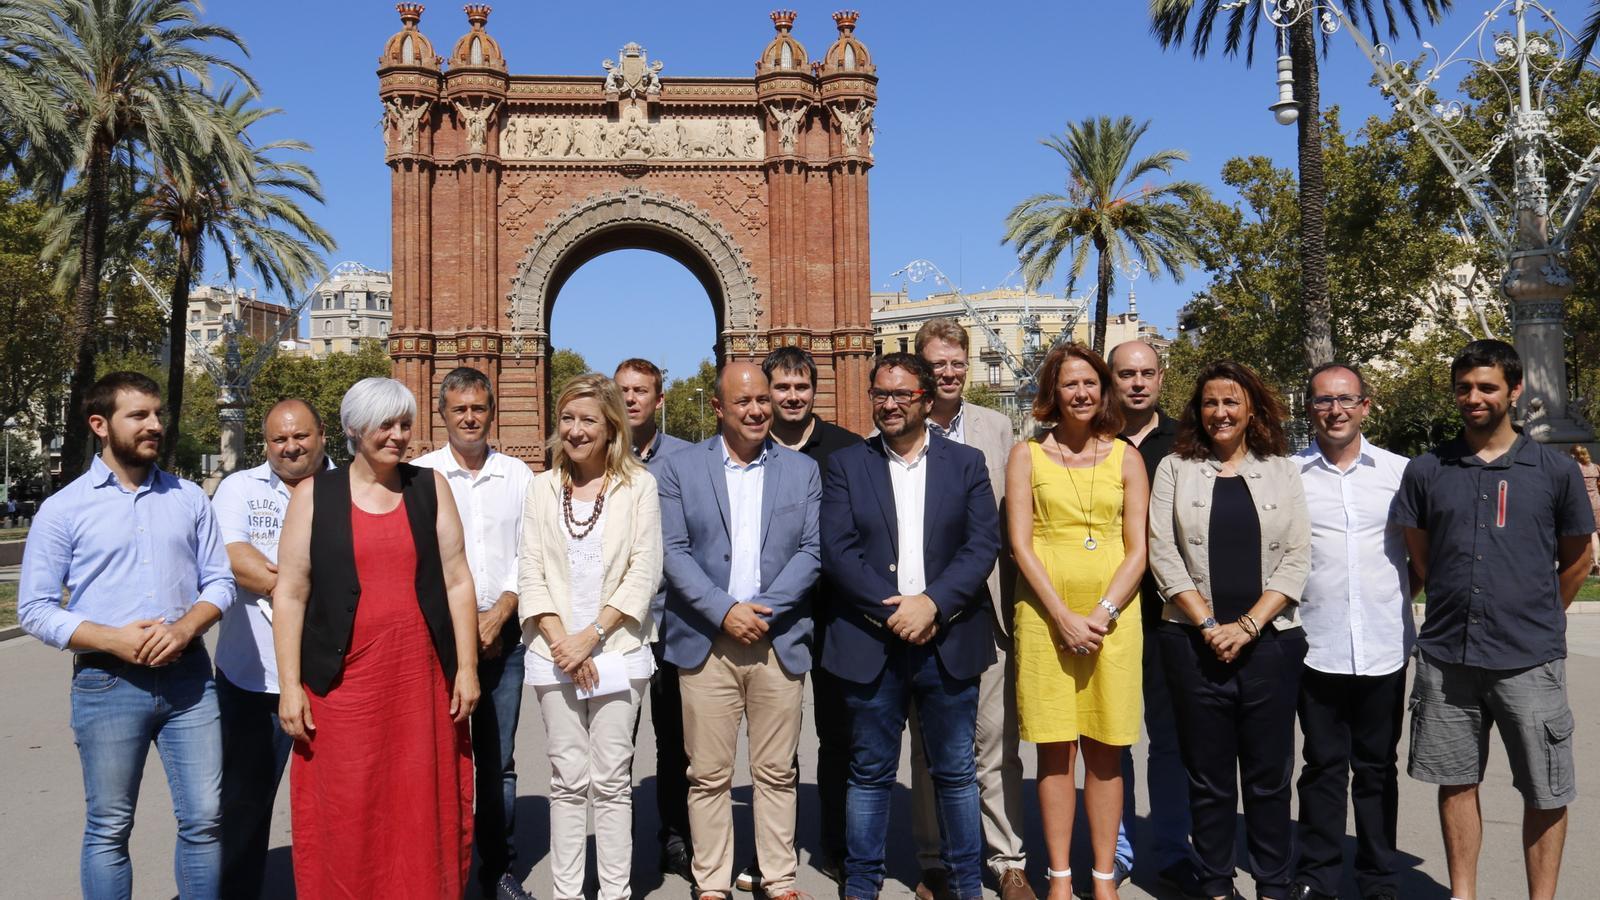 Una vintena d'alcaldes criden a participar en la Diada des de la unitat del sobiranisme i sense exclusions